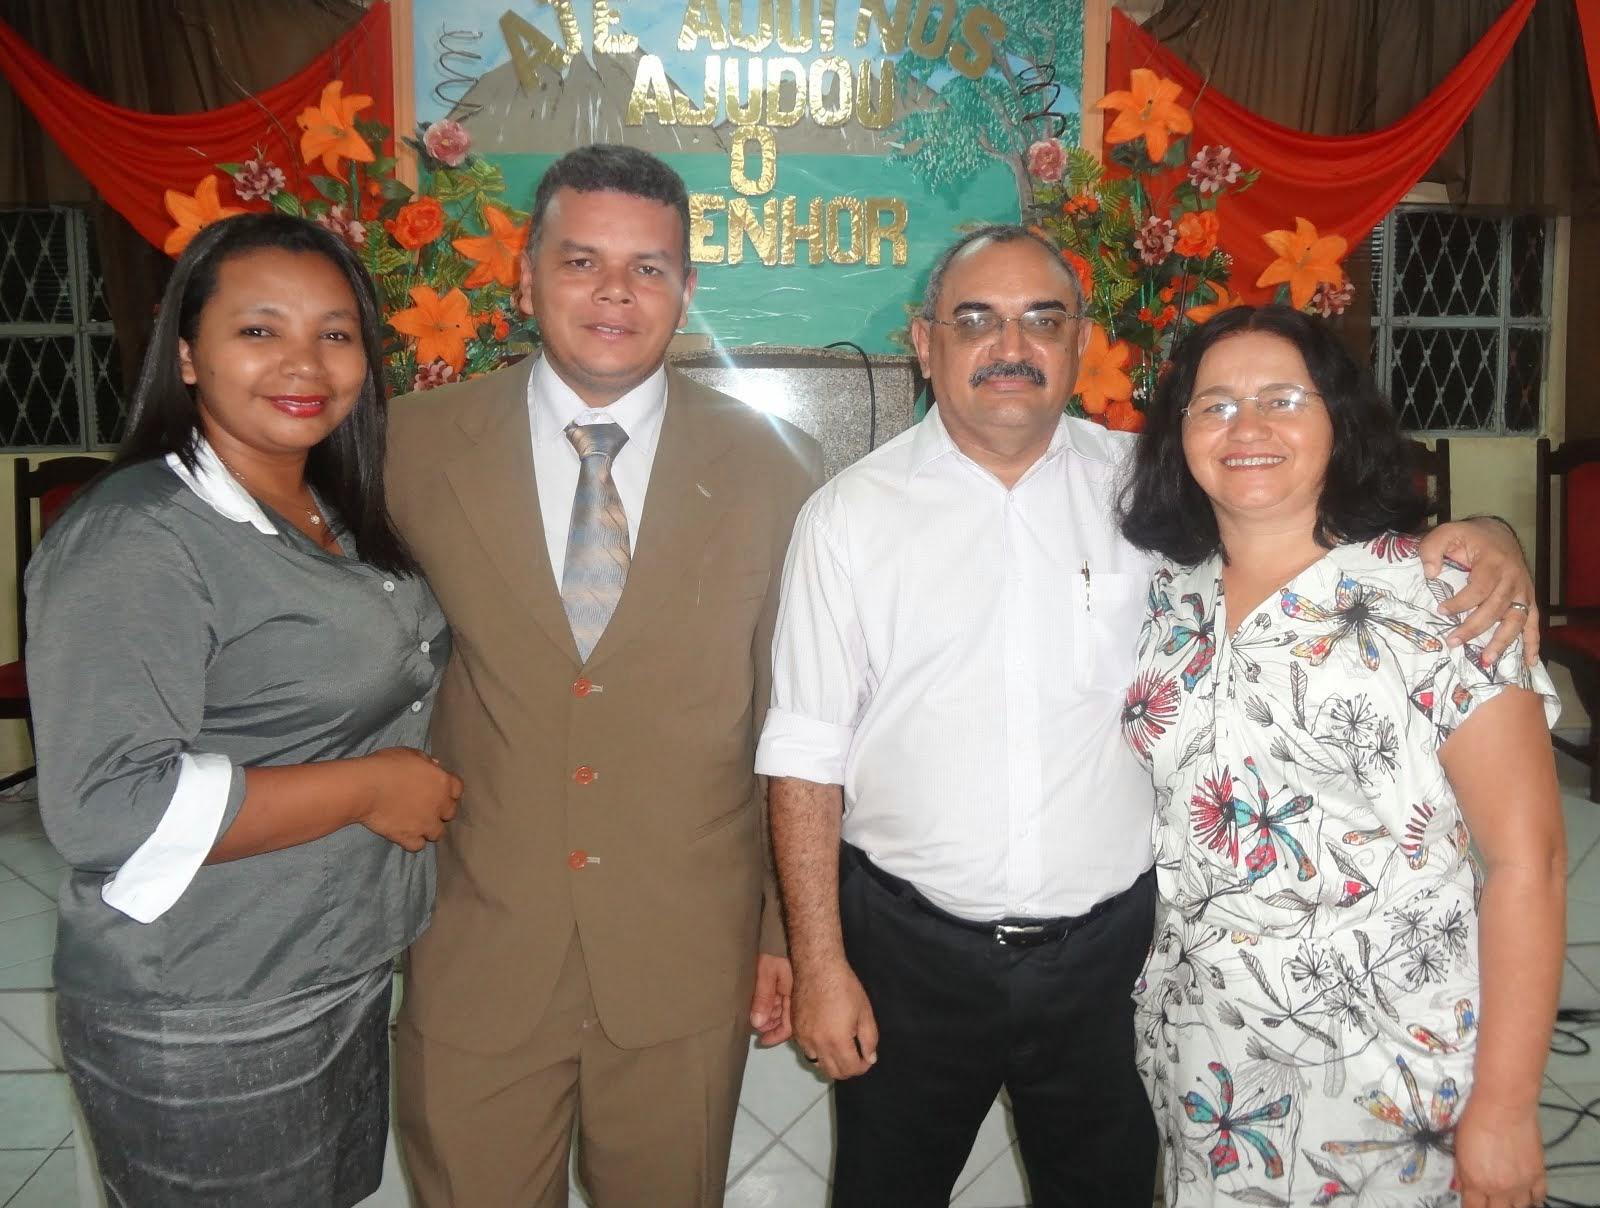 Diacª Ana Cleide e Presb. Ecrivaldo Gomes & Professor Pádua e Jânia de Pádua